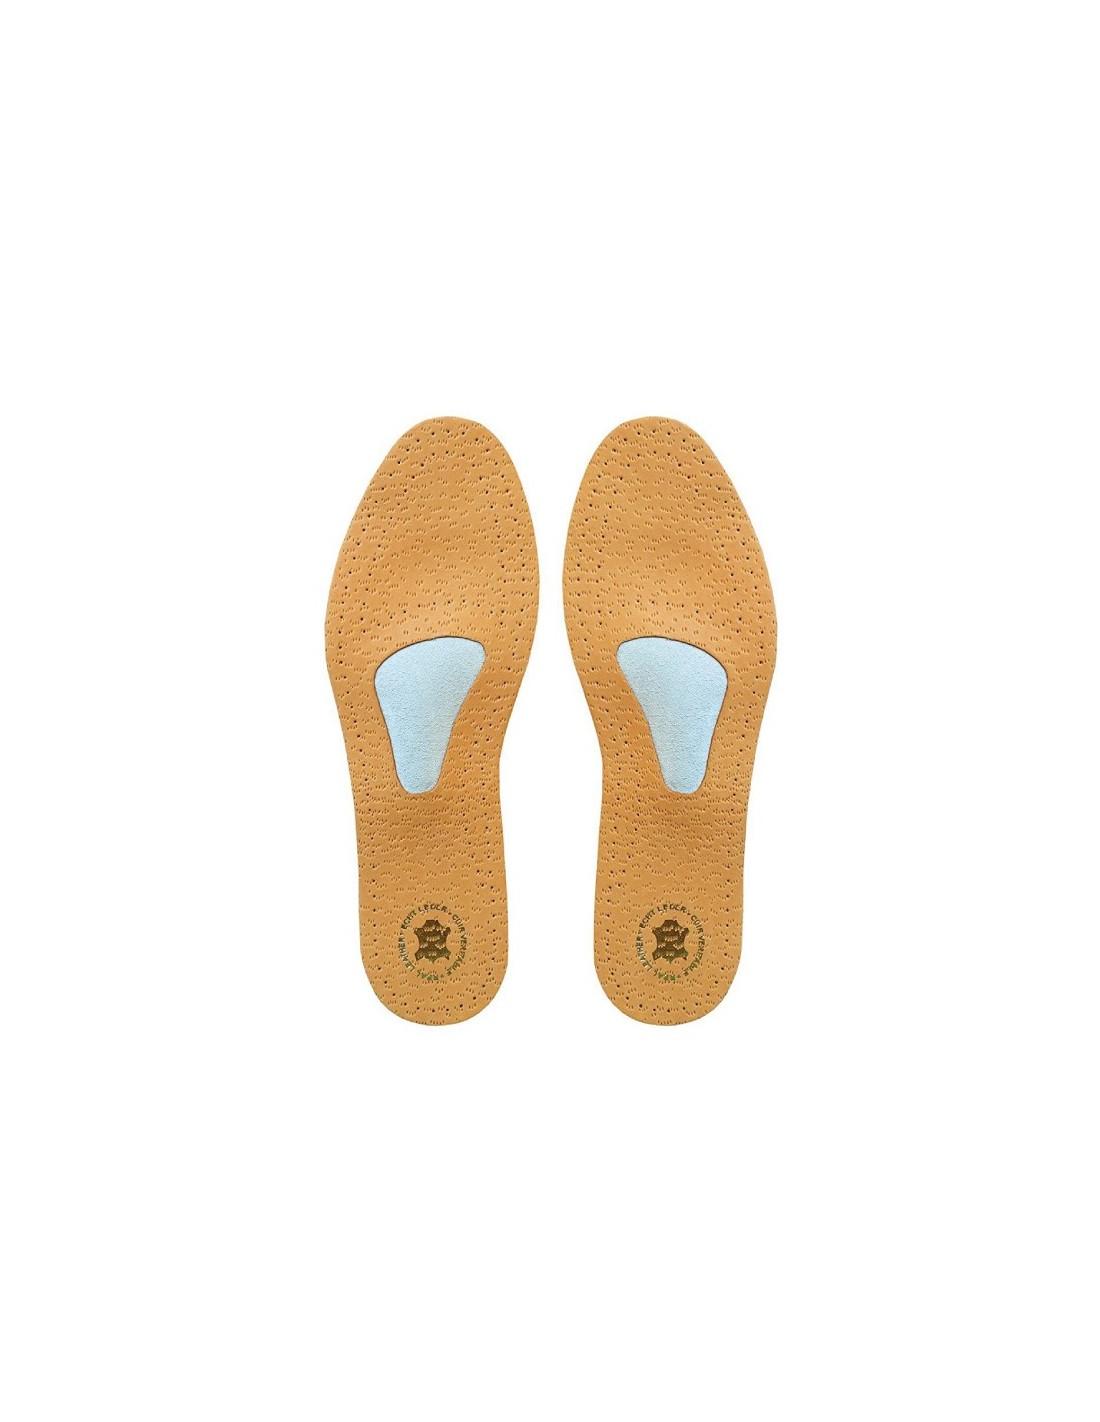 ... Solette scarpe in lattice per alleviare il dolore alle ossa metatarsali  ... be537c09035